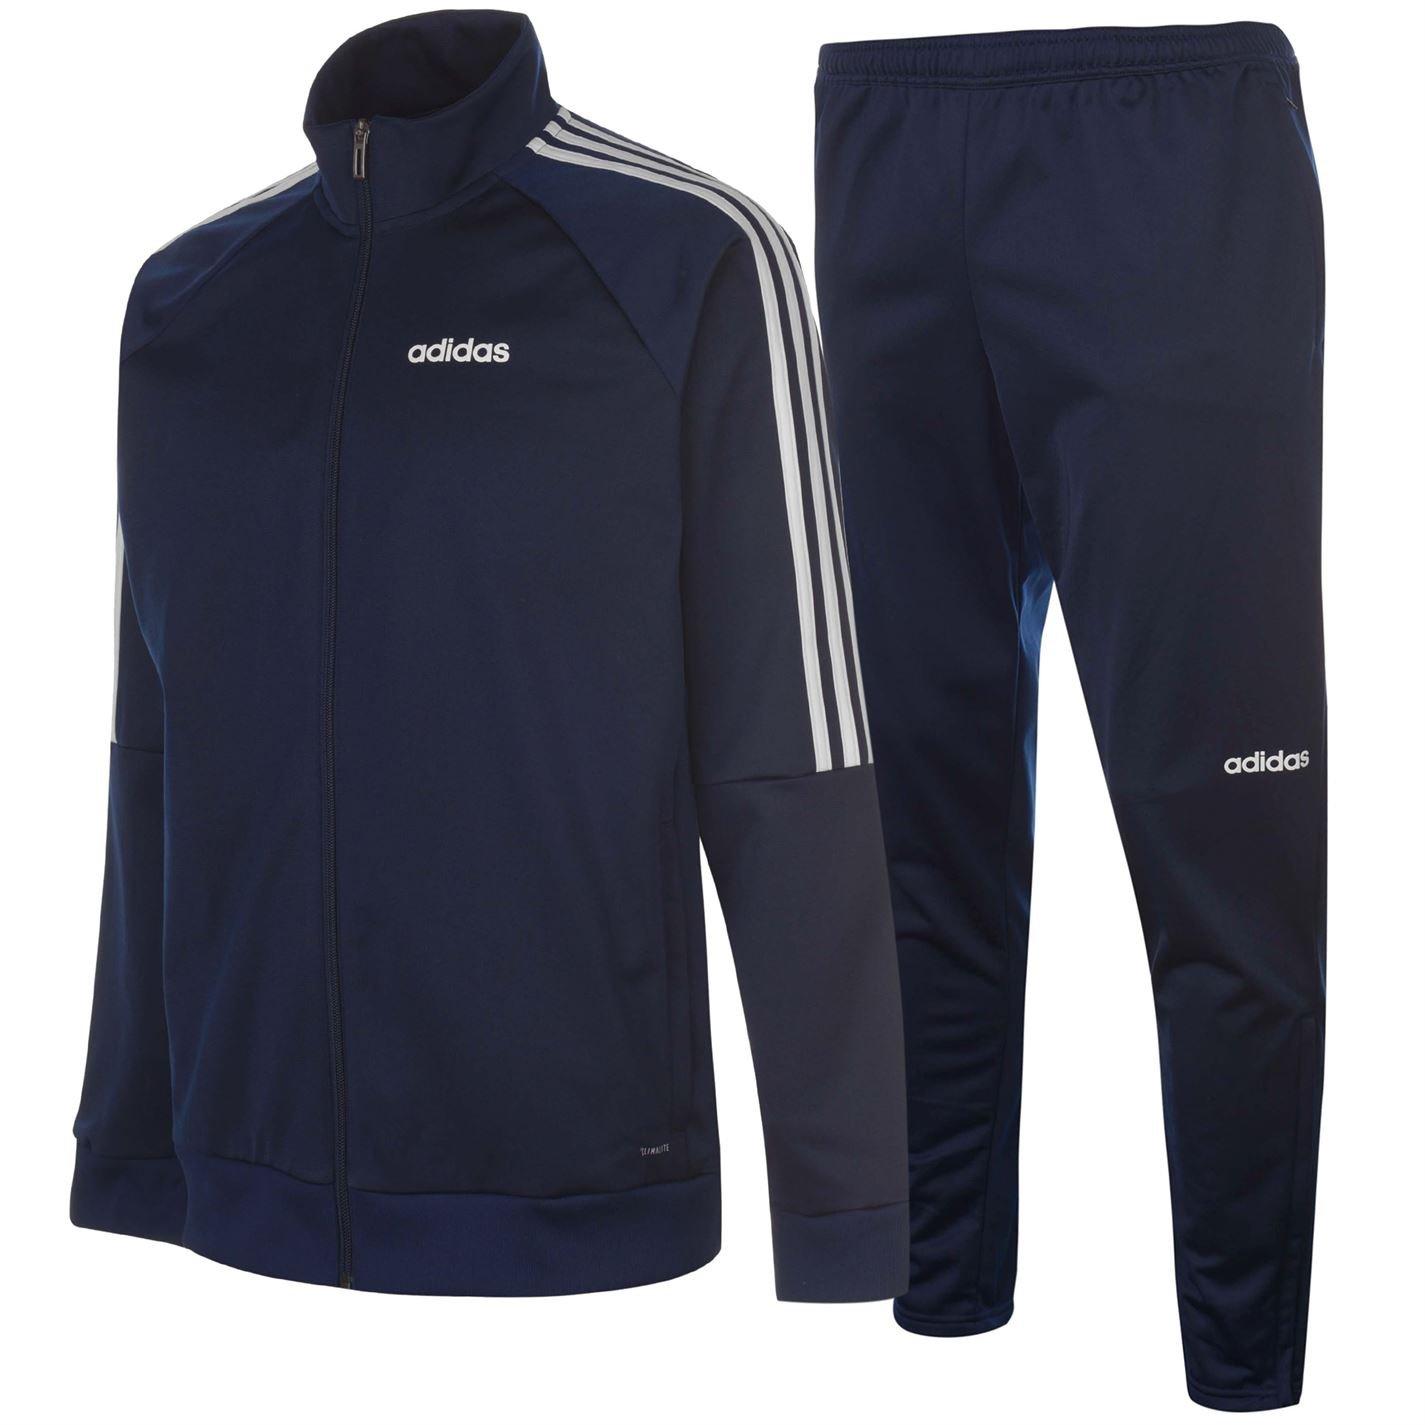 Adidas Sereno pánska tepláková súprava